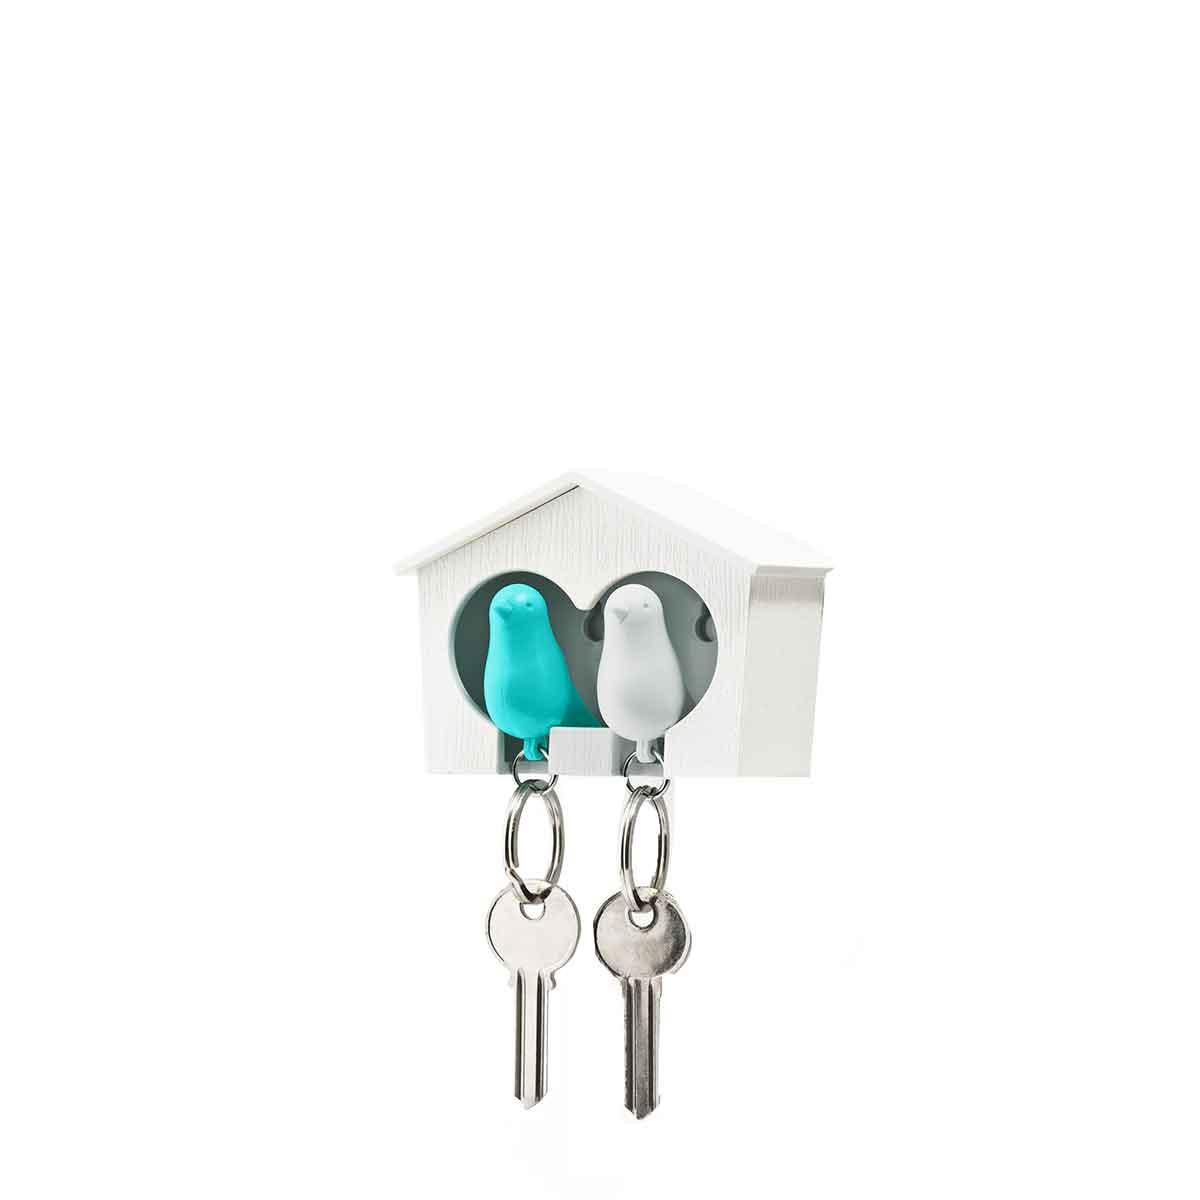 Porte cl s mural oiseaux blanc bleu rangement clefs - Porte clef pour ne pas perdre ses clefs ...